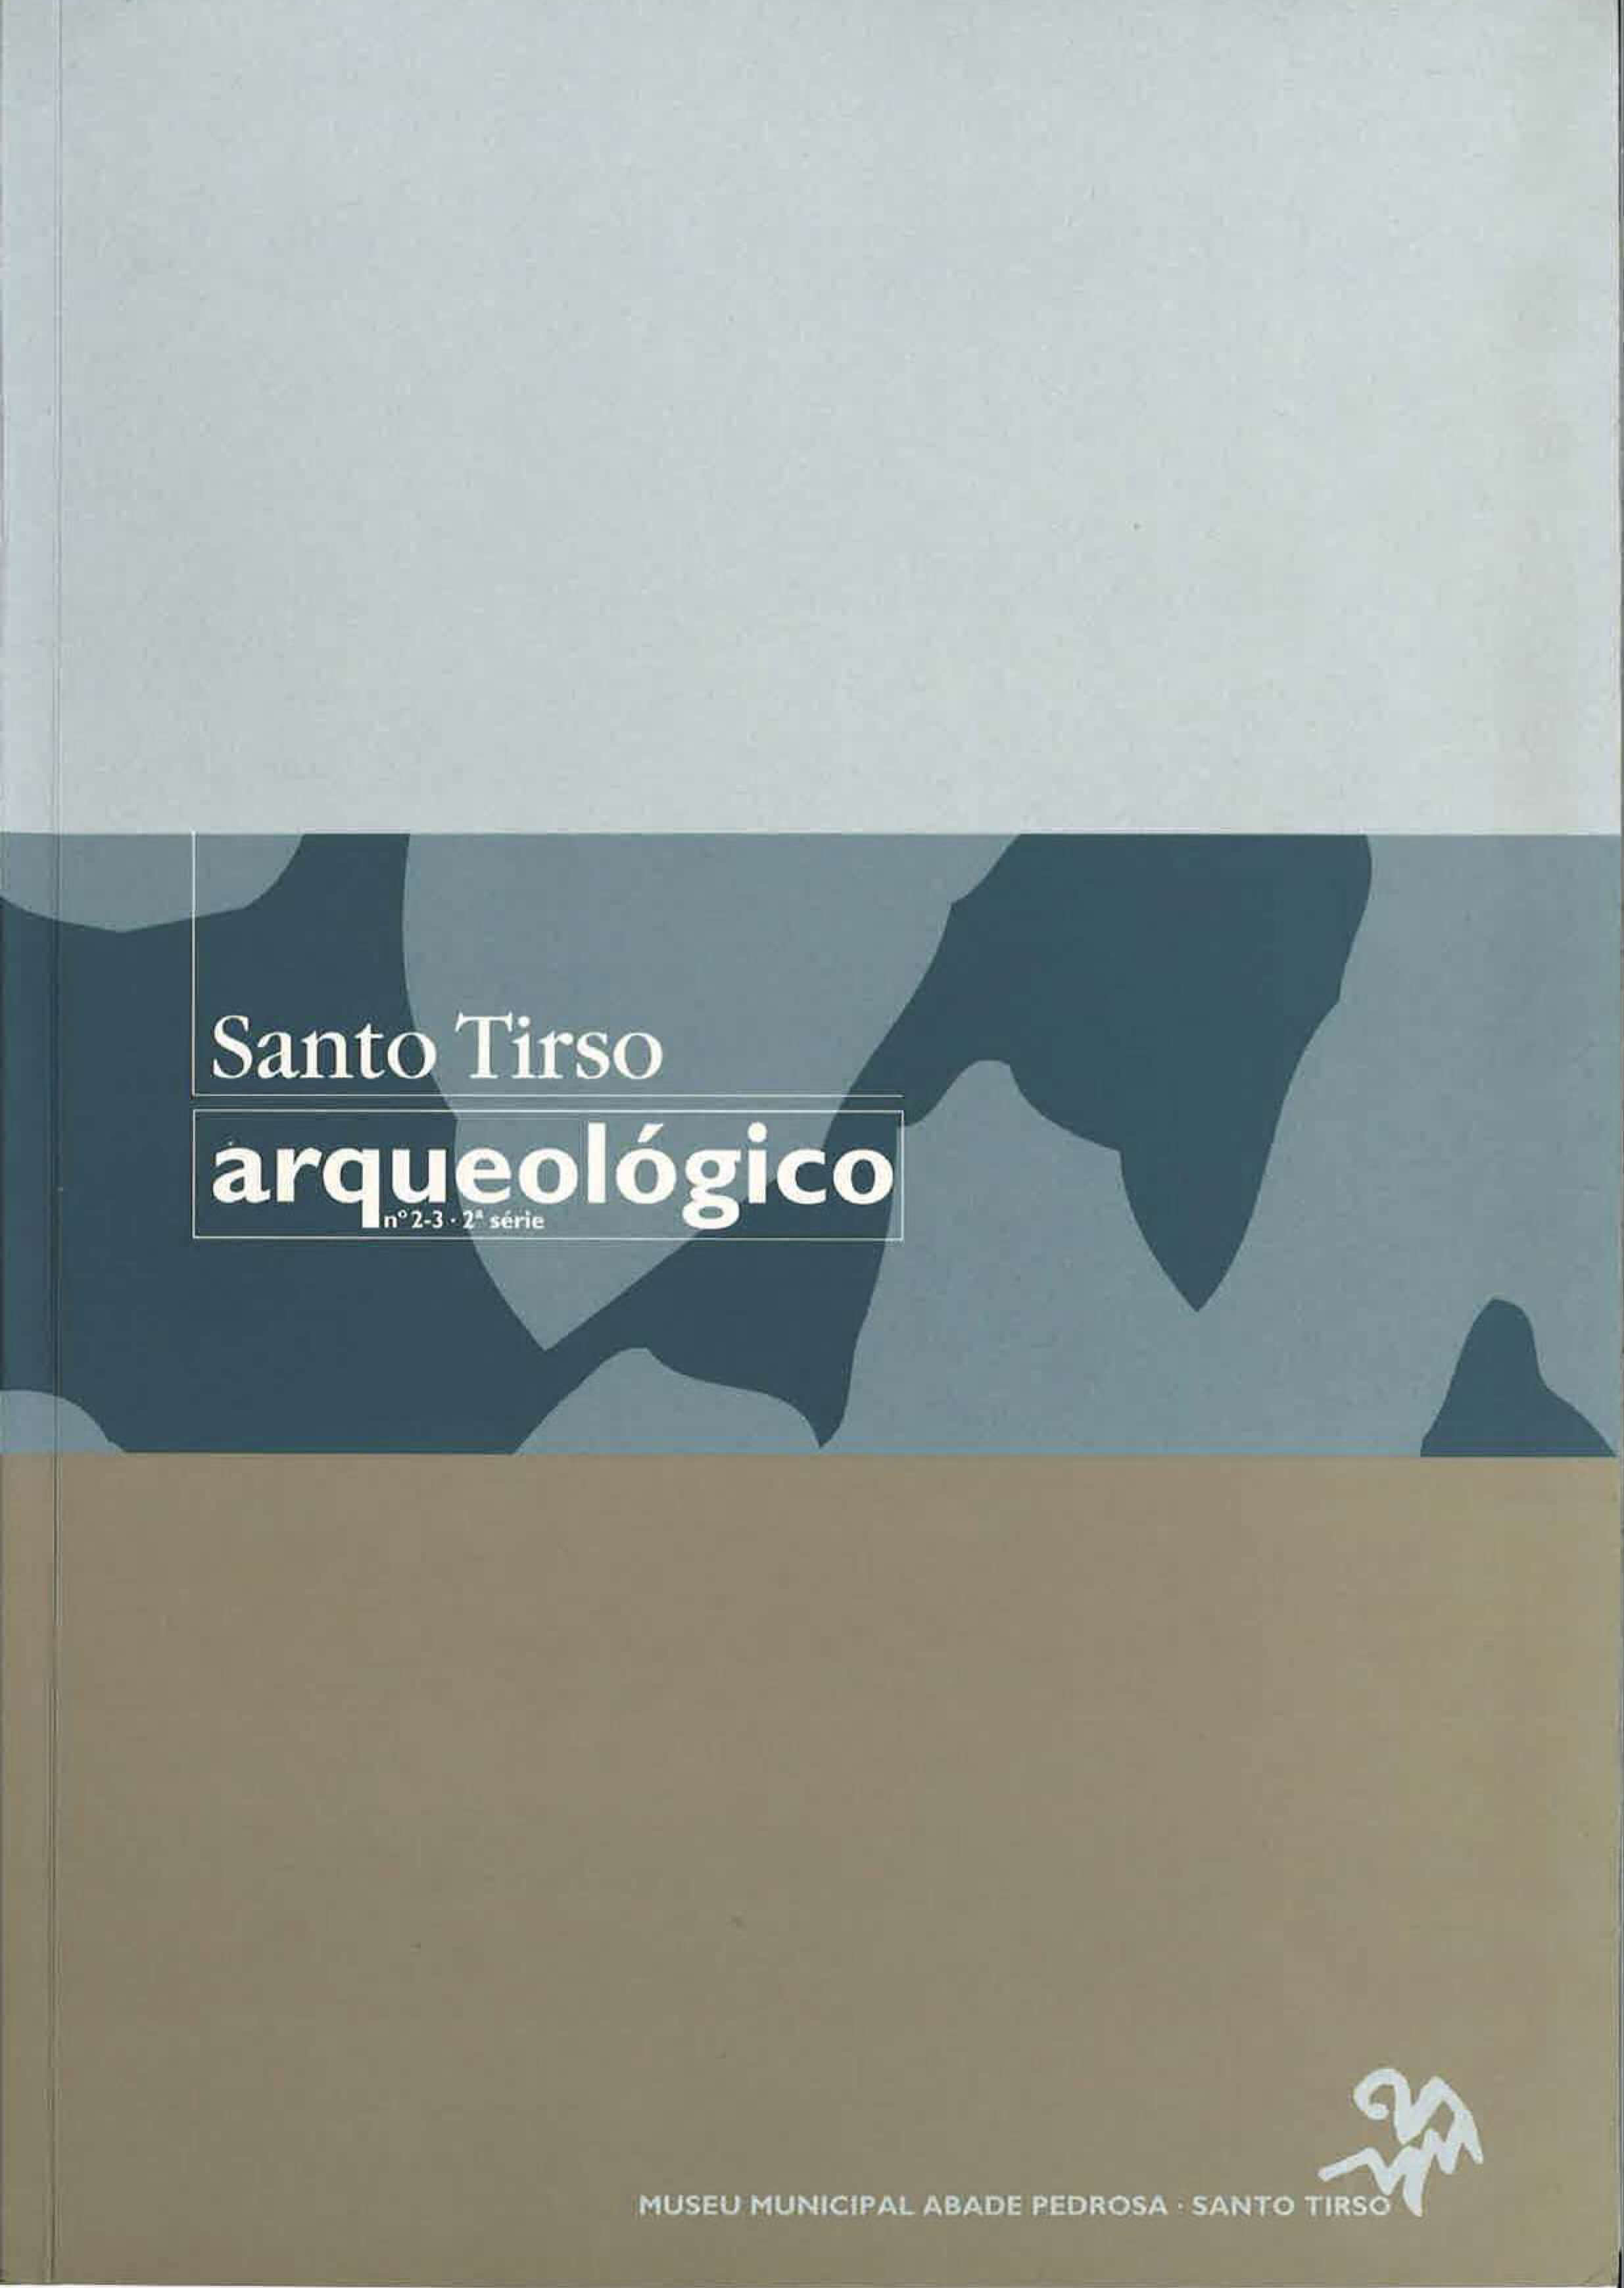 Santo Tirso Arqueológico nº 2-3